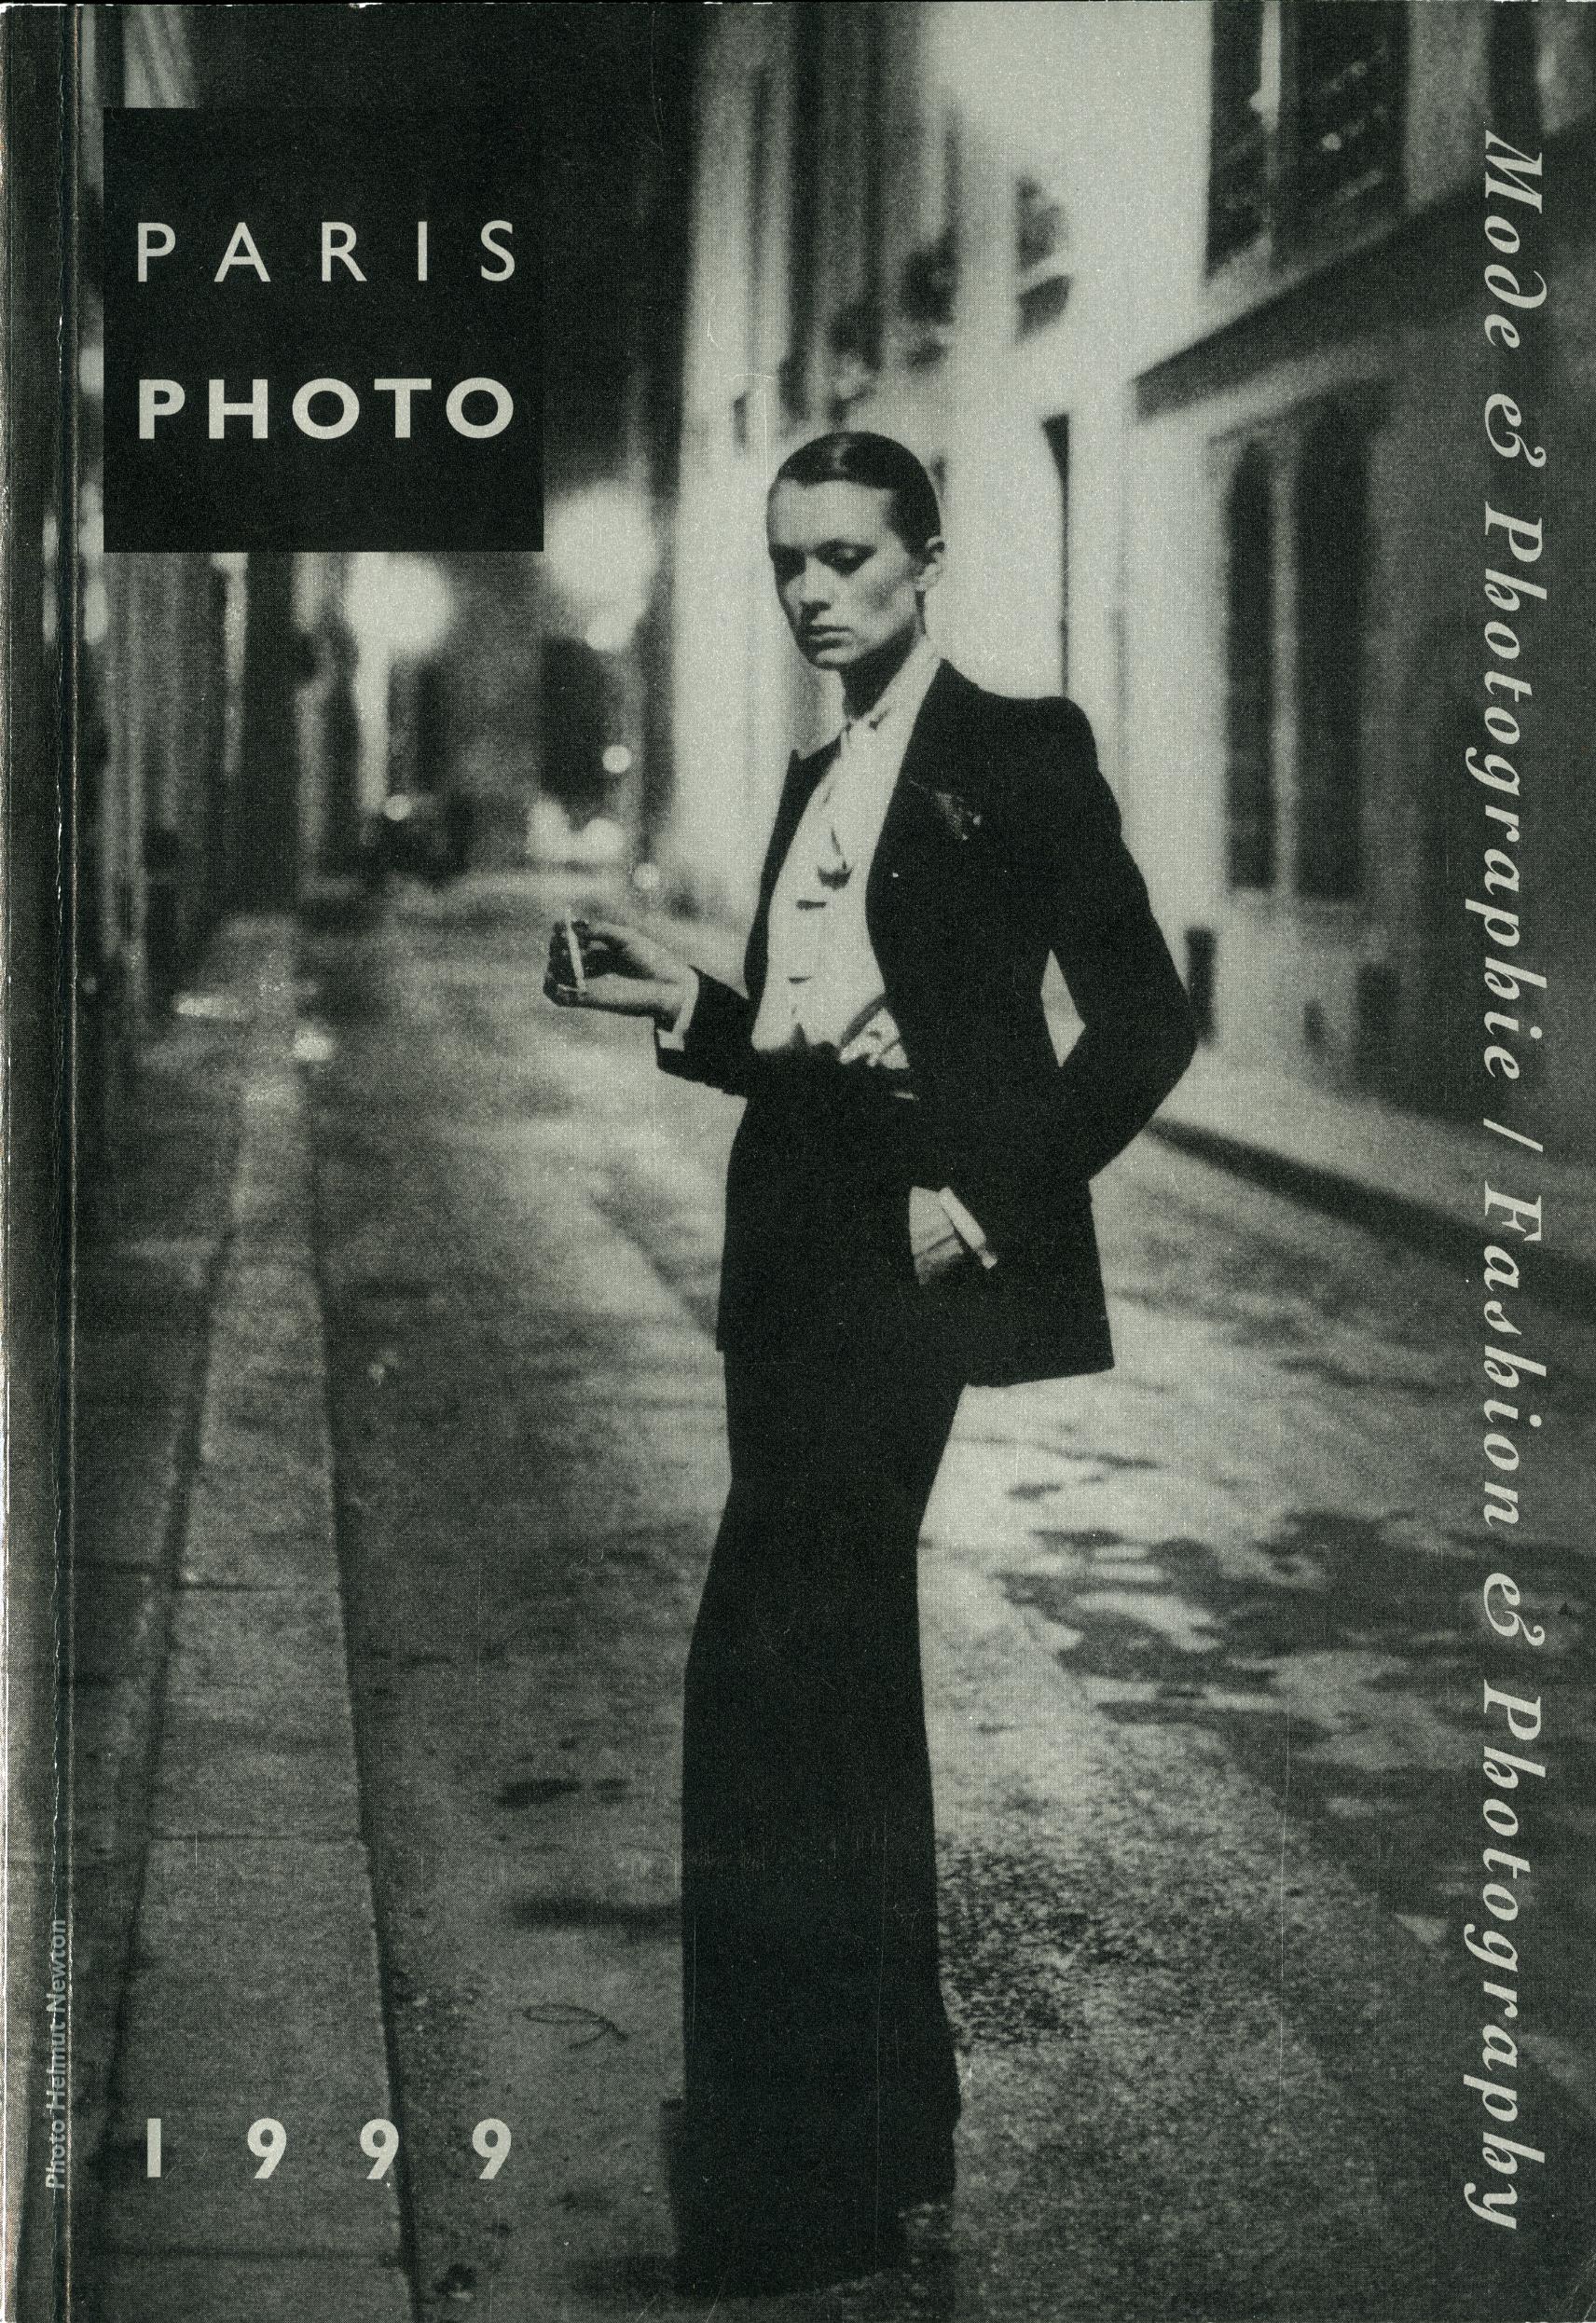 Paris Photo catalogue 1999